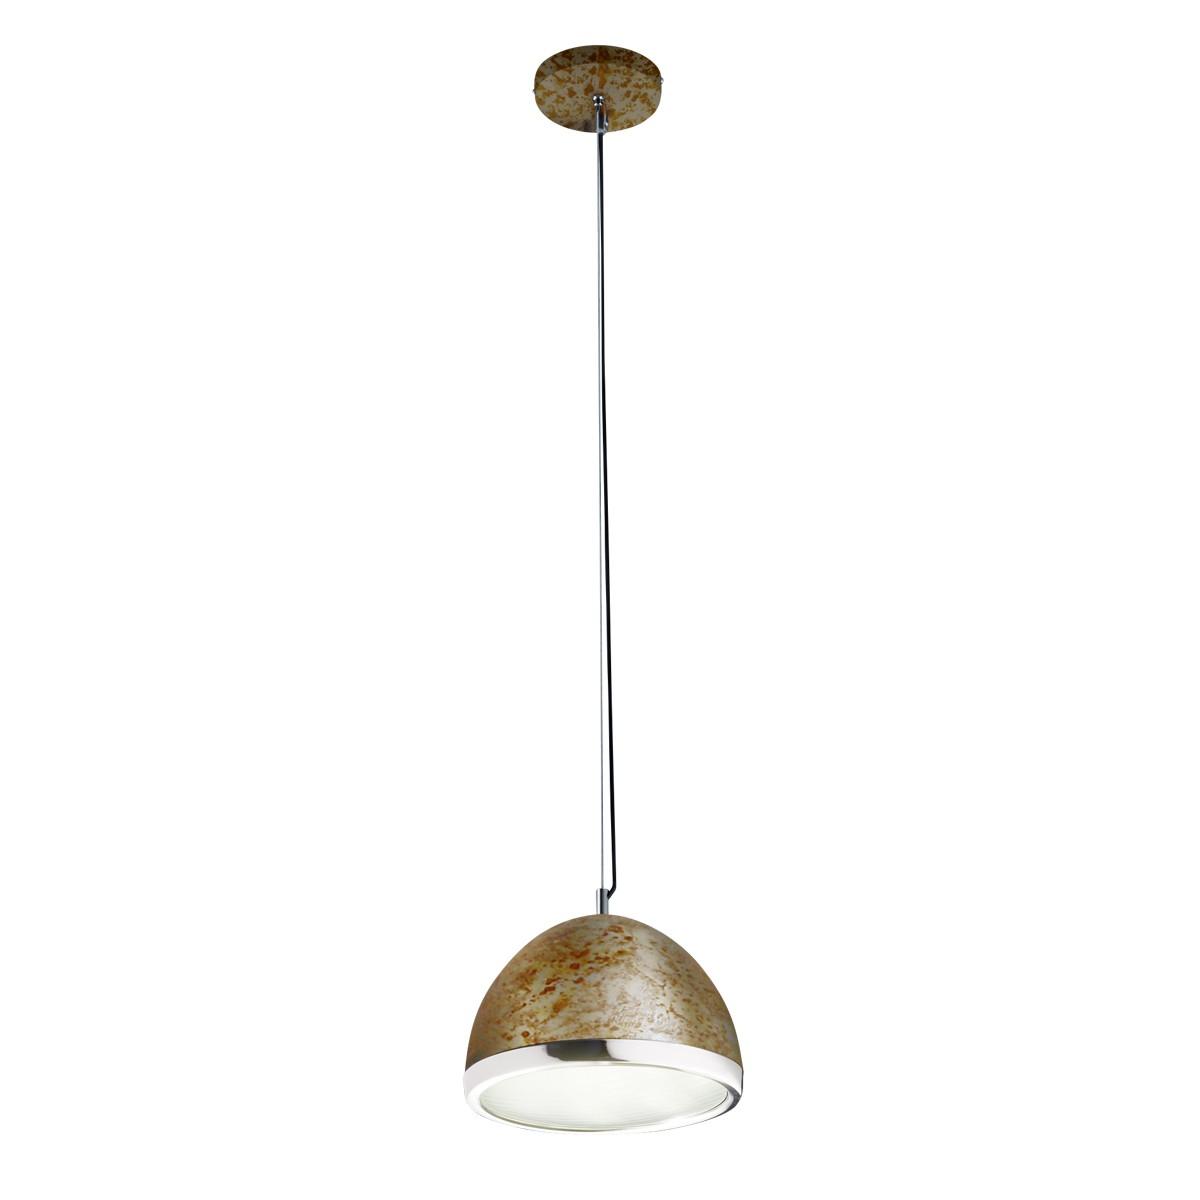 B-Leuchten Vintage LED-Pendelleuchte, Rost / Chrom